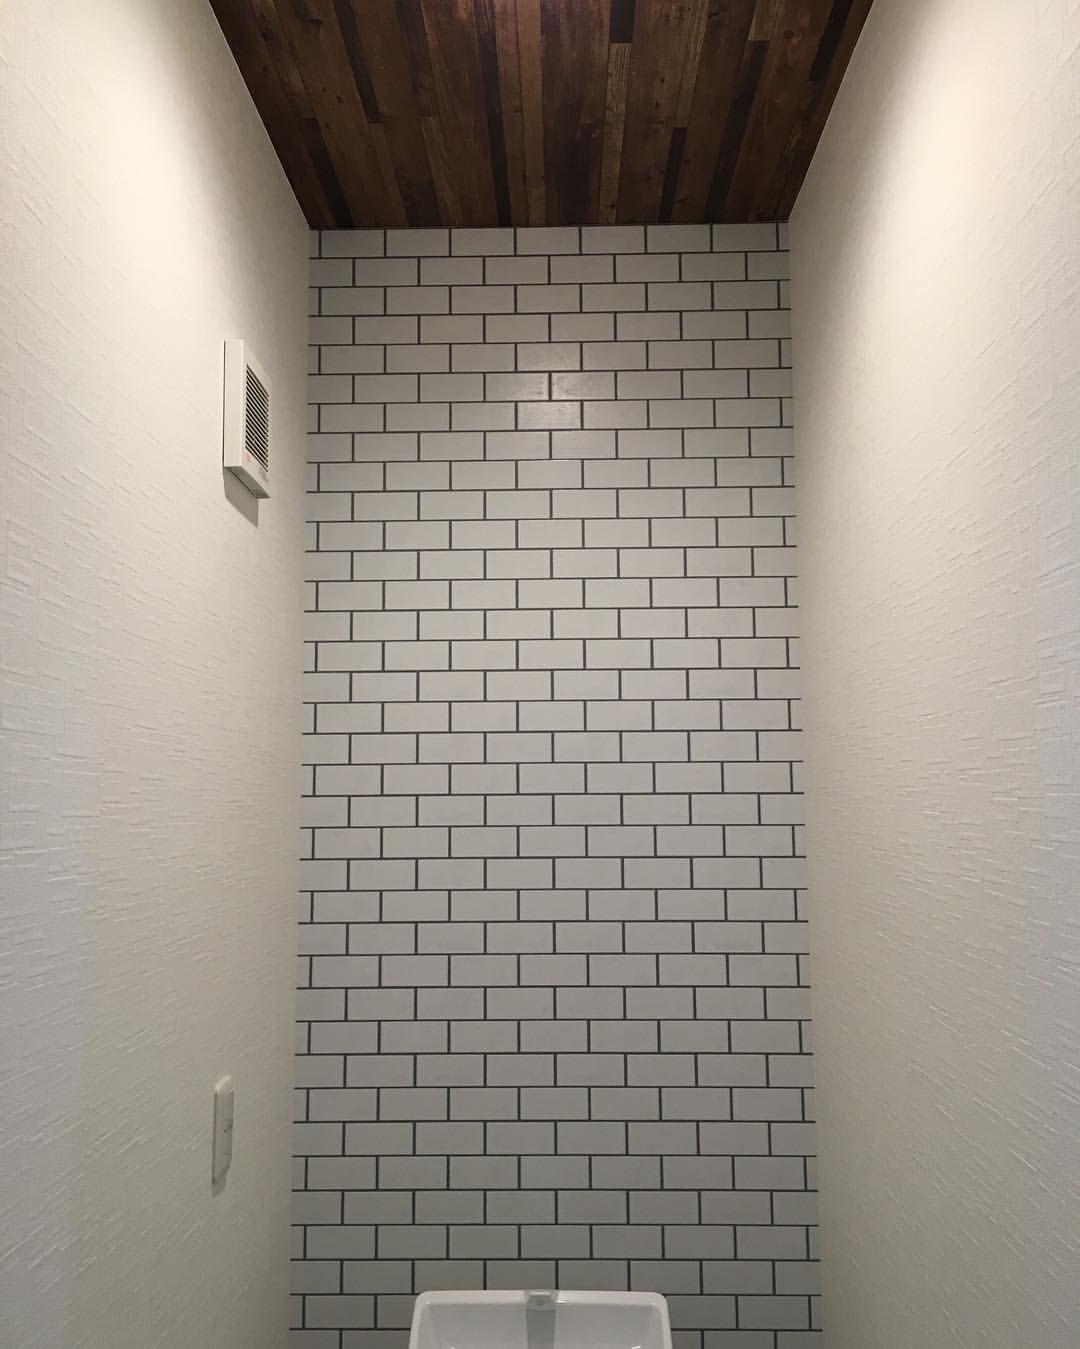 サブウェイタイル調の壁紙をアクセントに トイレ 壁紙 天井 木目調 サンゲツ Fe 9634 サブウェイタイル シンコール 9453 メイン 石目調 サンゲツ Shinonostyle サブウェイタイル トイレ インテリア サンゲツ